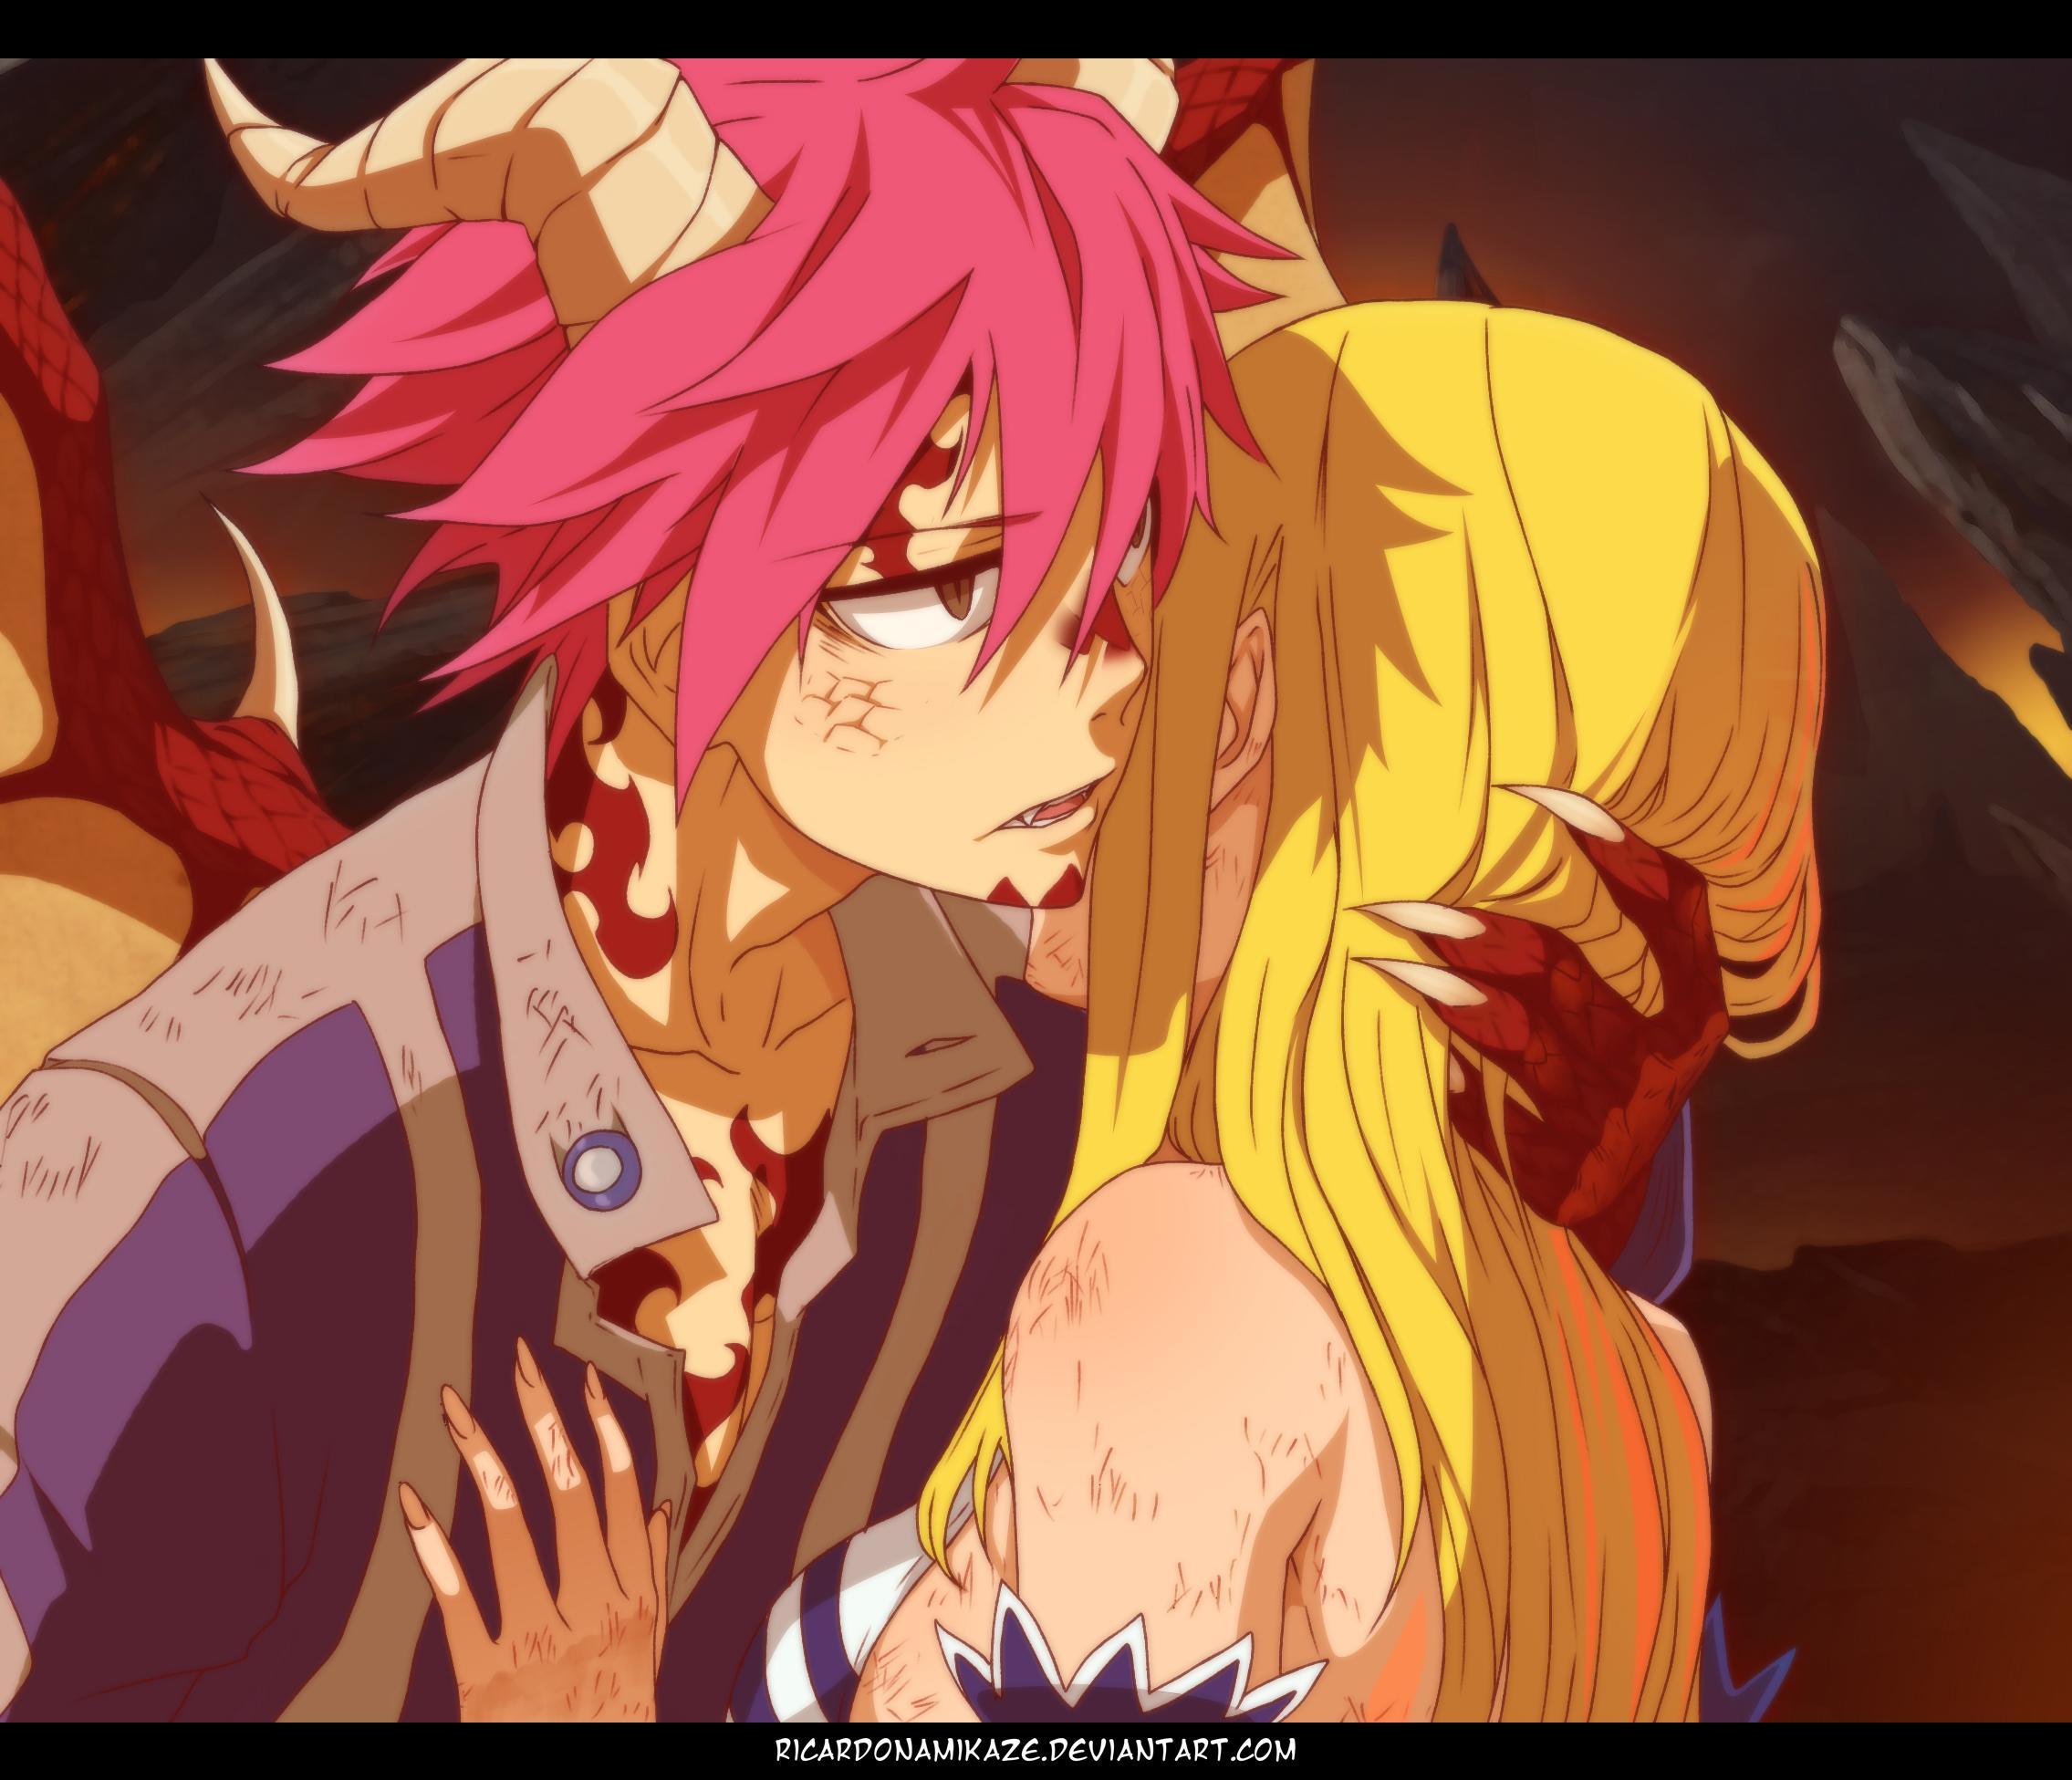 I'm Sorry, Lucy (Anime Style). by RicardoNamikaze